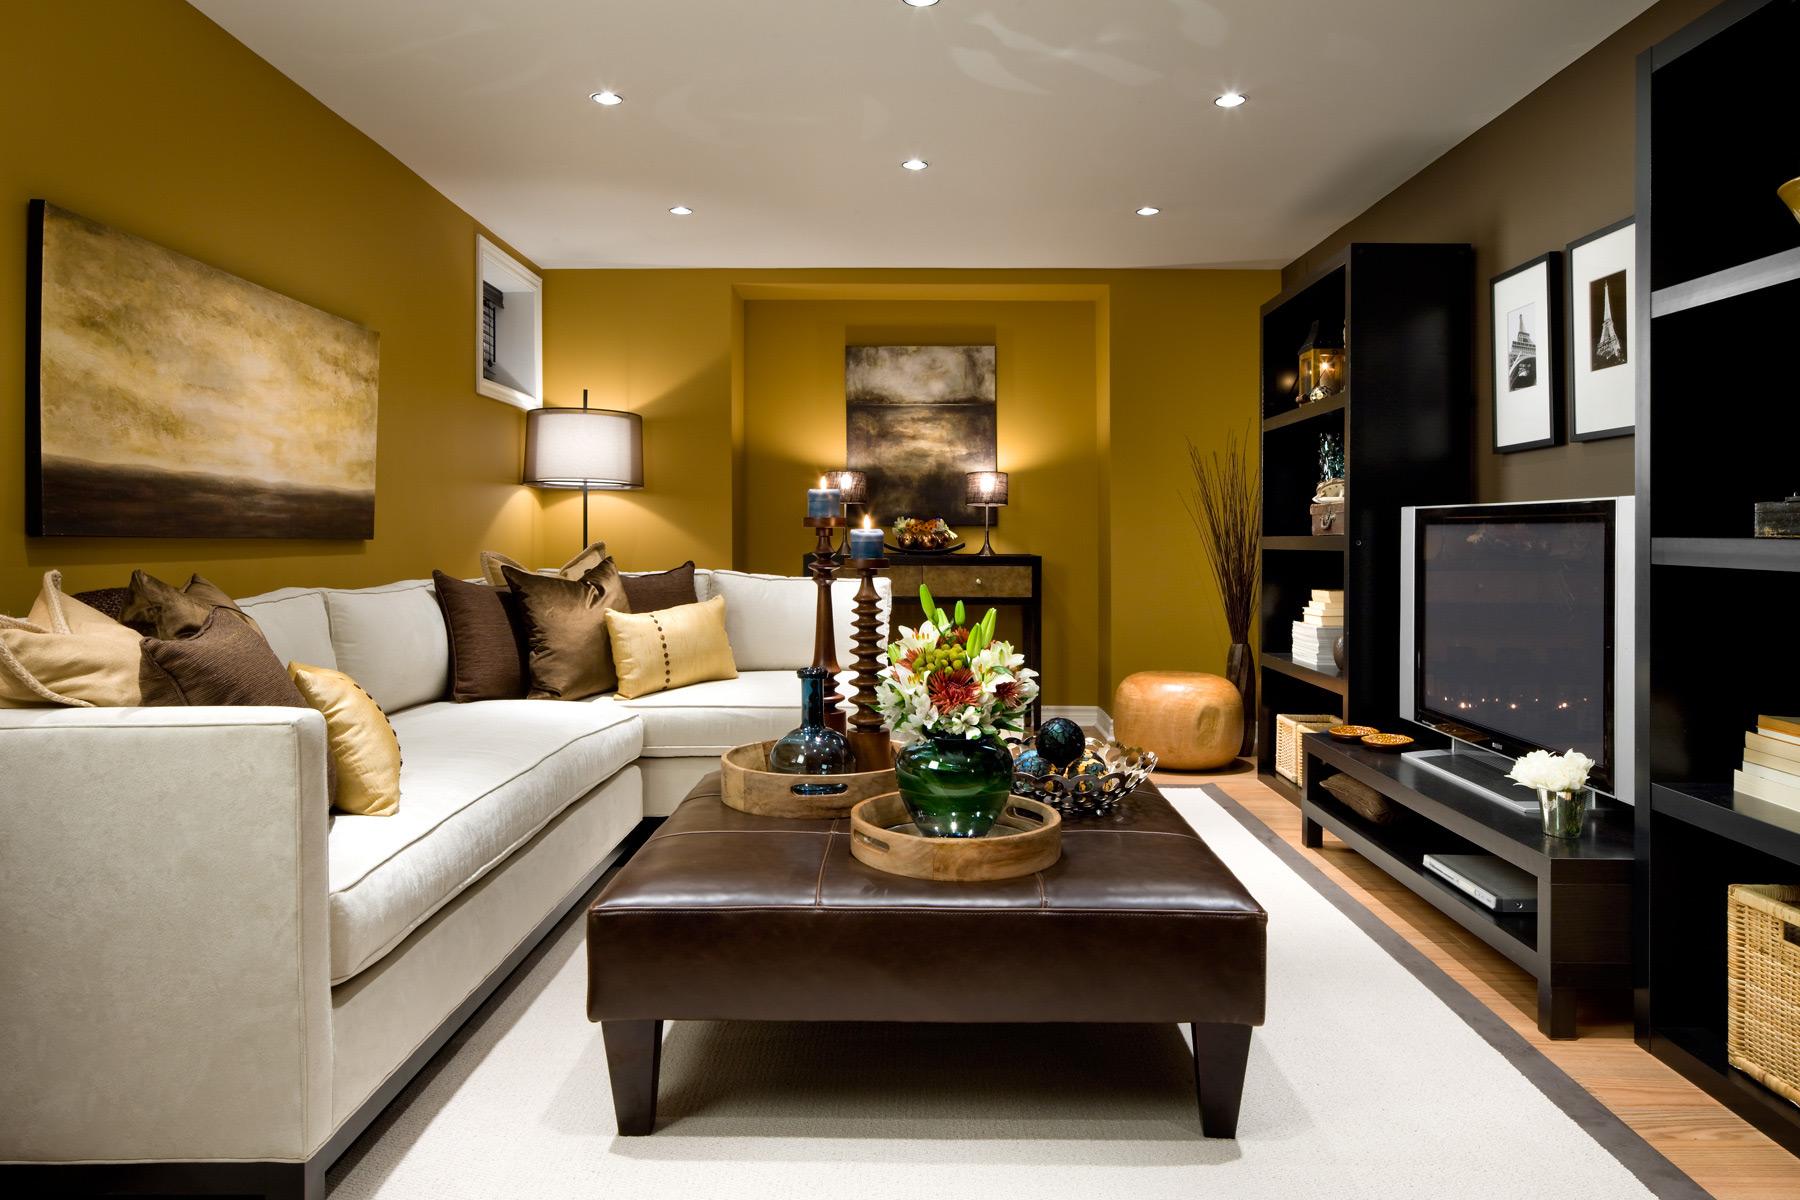 small living room design ideas 10 – ksa g.com